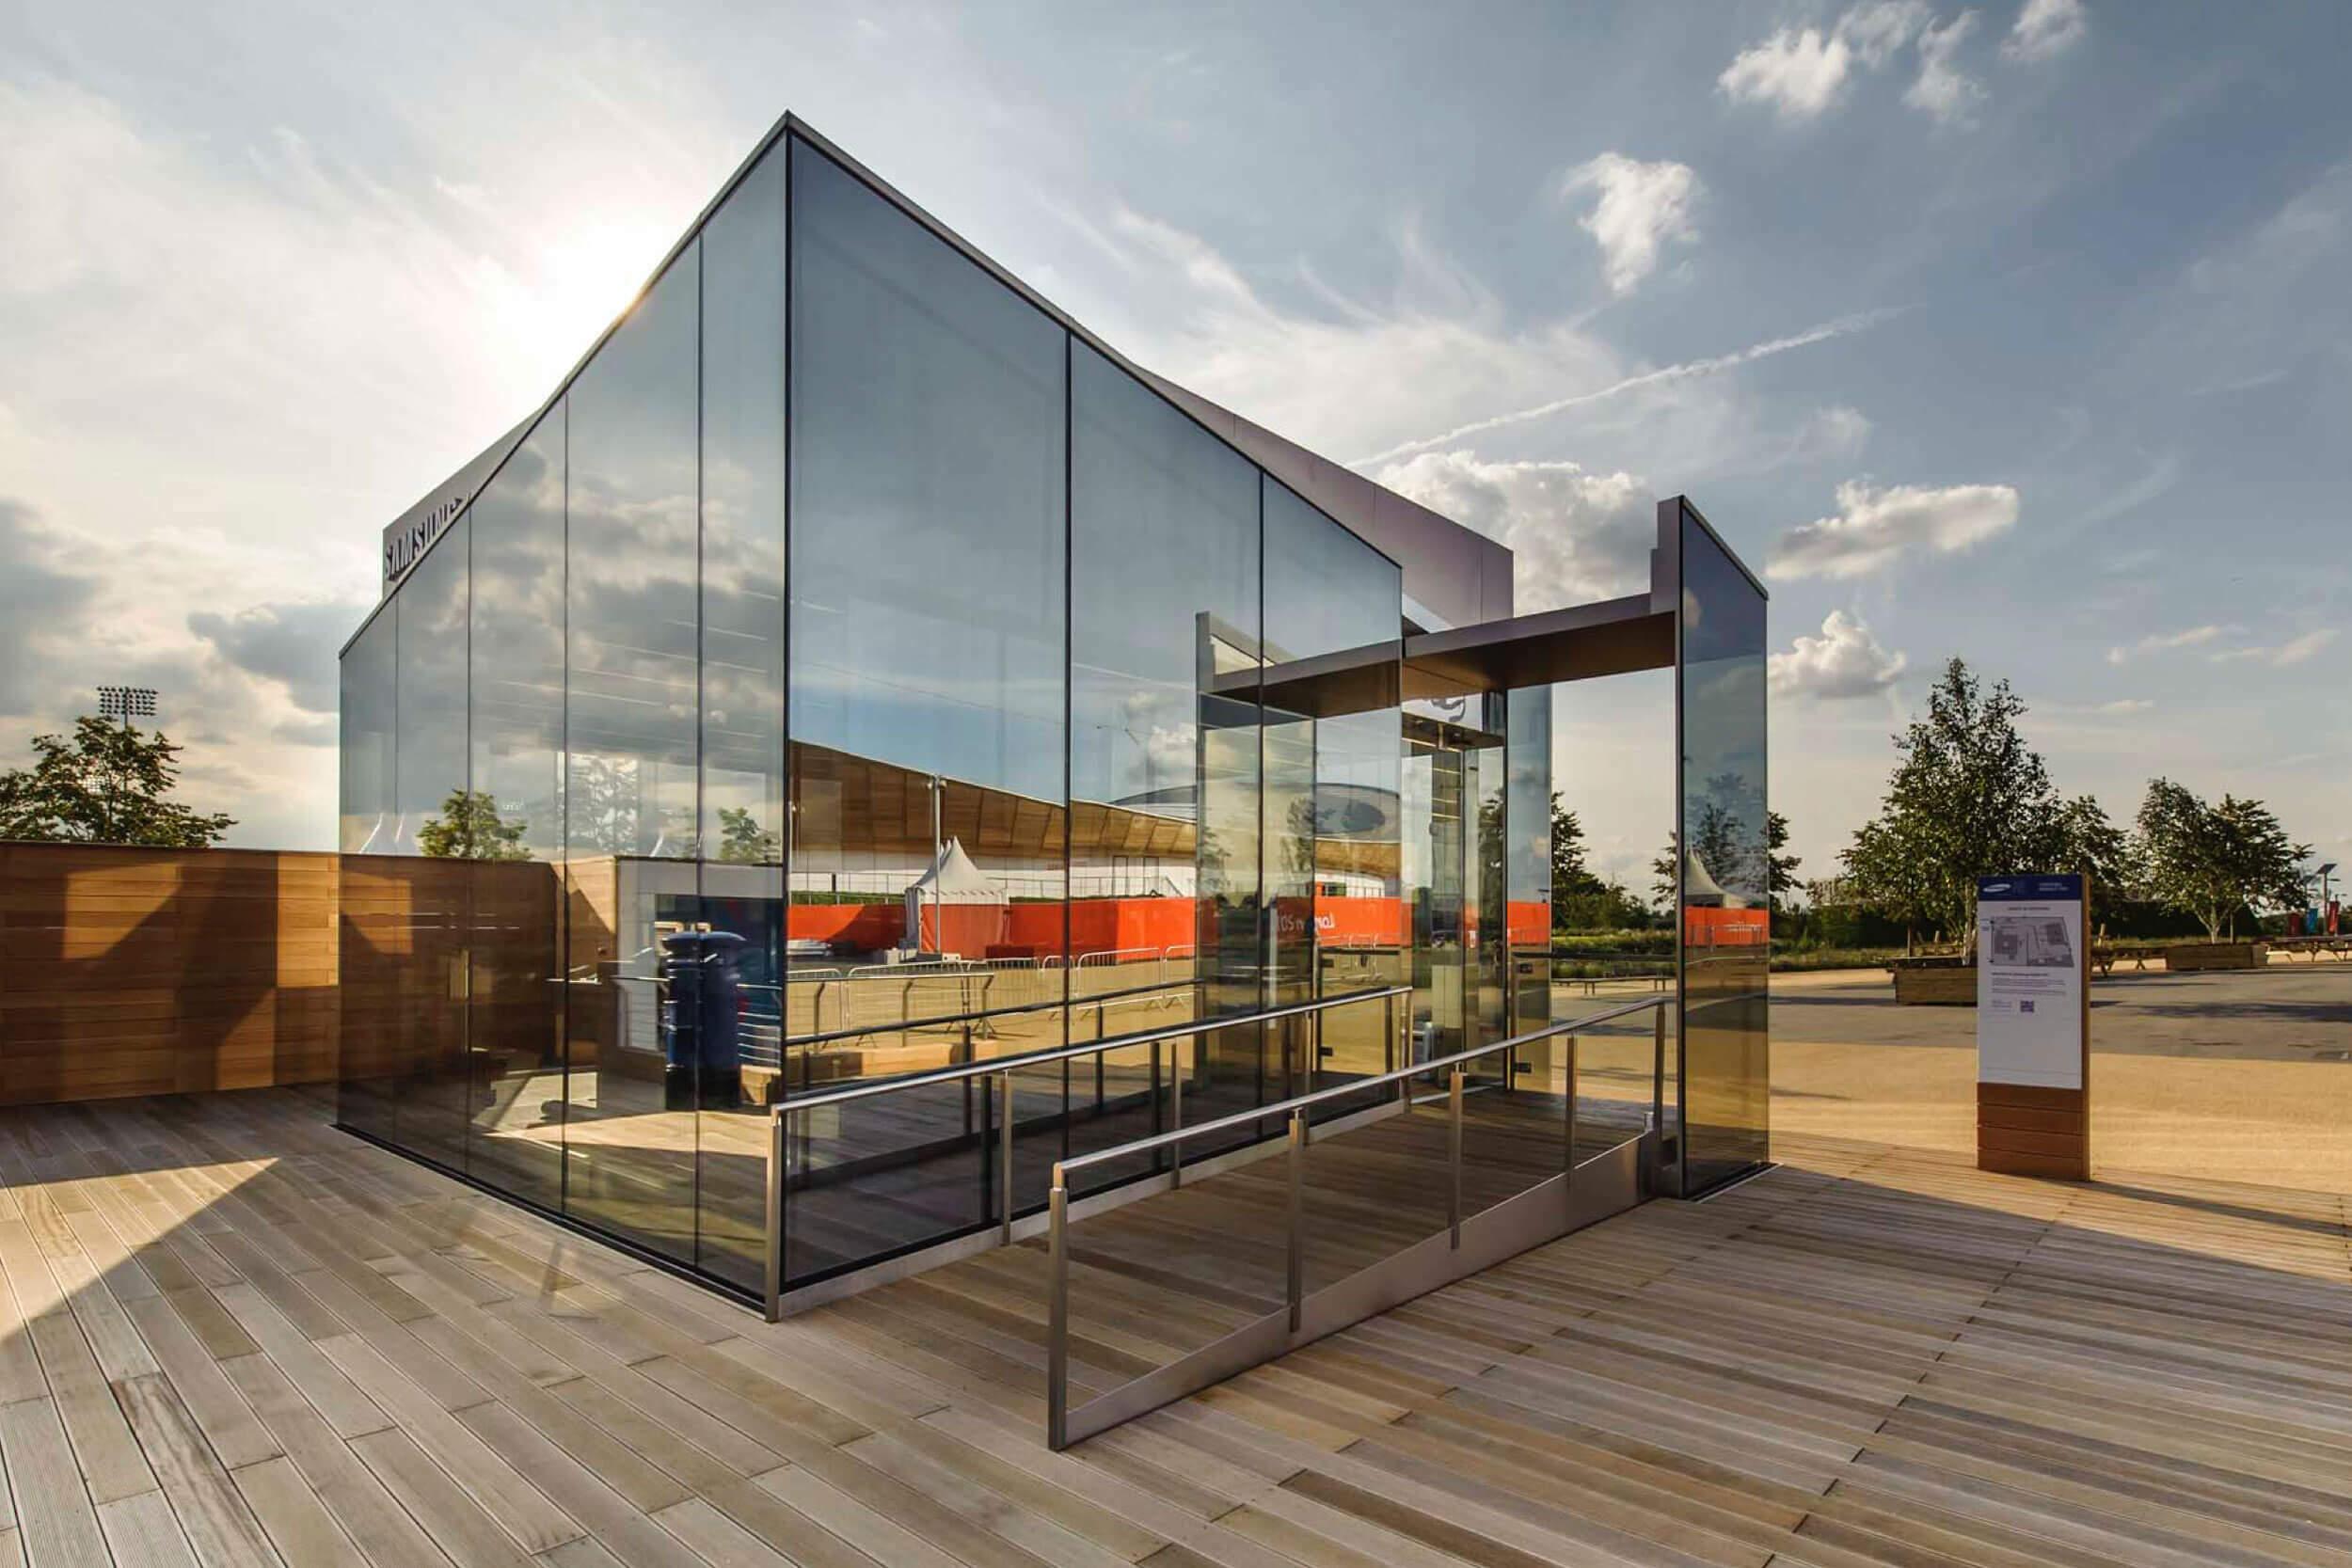 Der Samsung Olympic Park Pavillon von außen